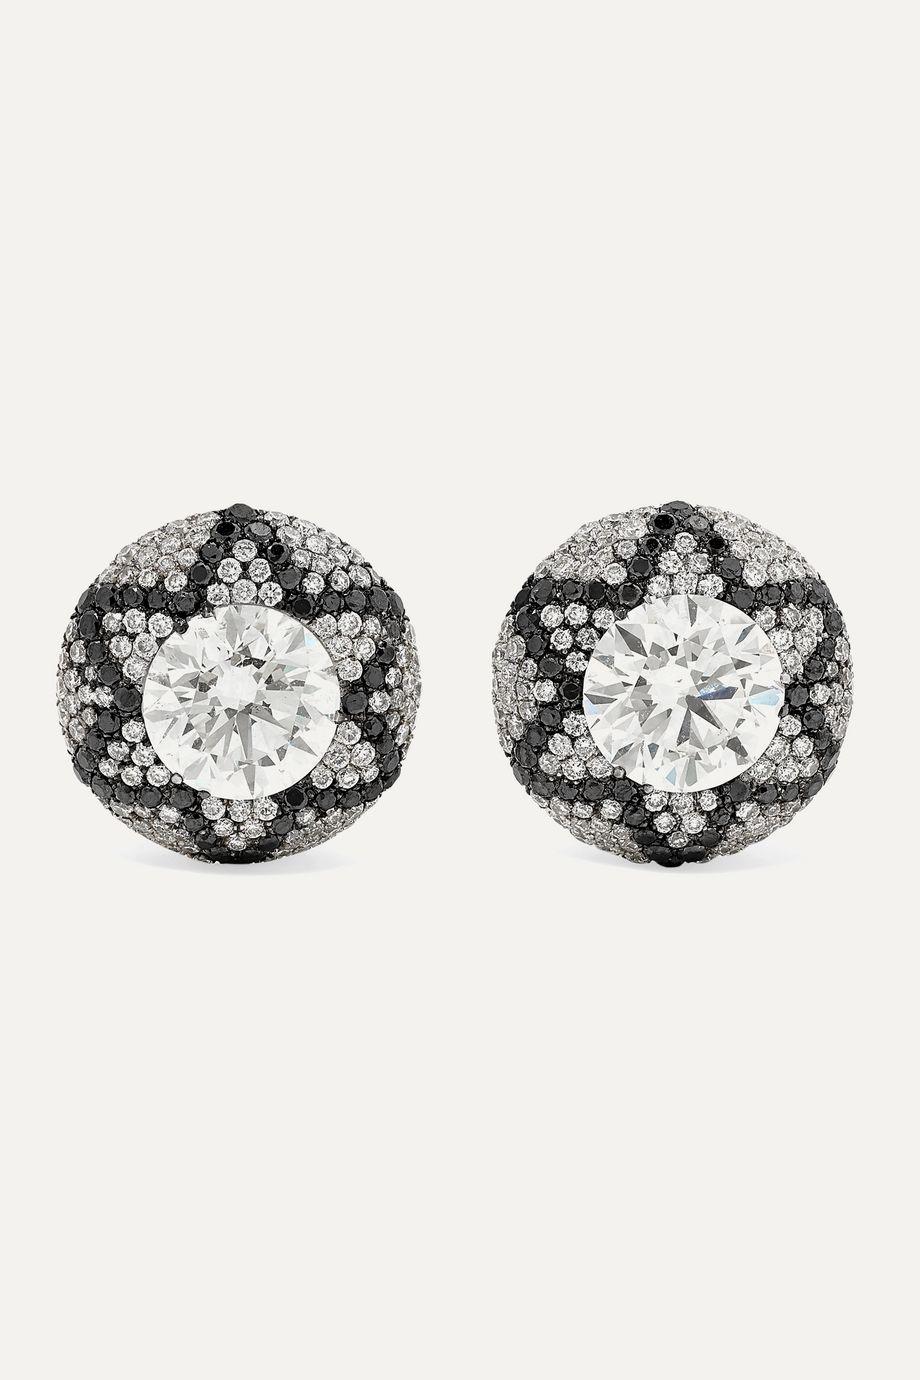 Martin Katz Boucles d'oreilles en or blanc 18 carats et diamants Starburst